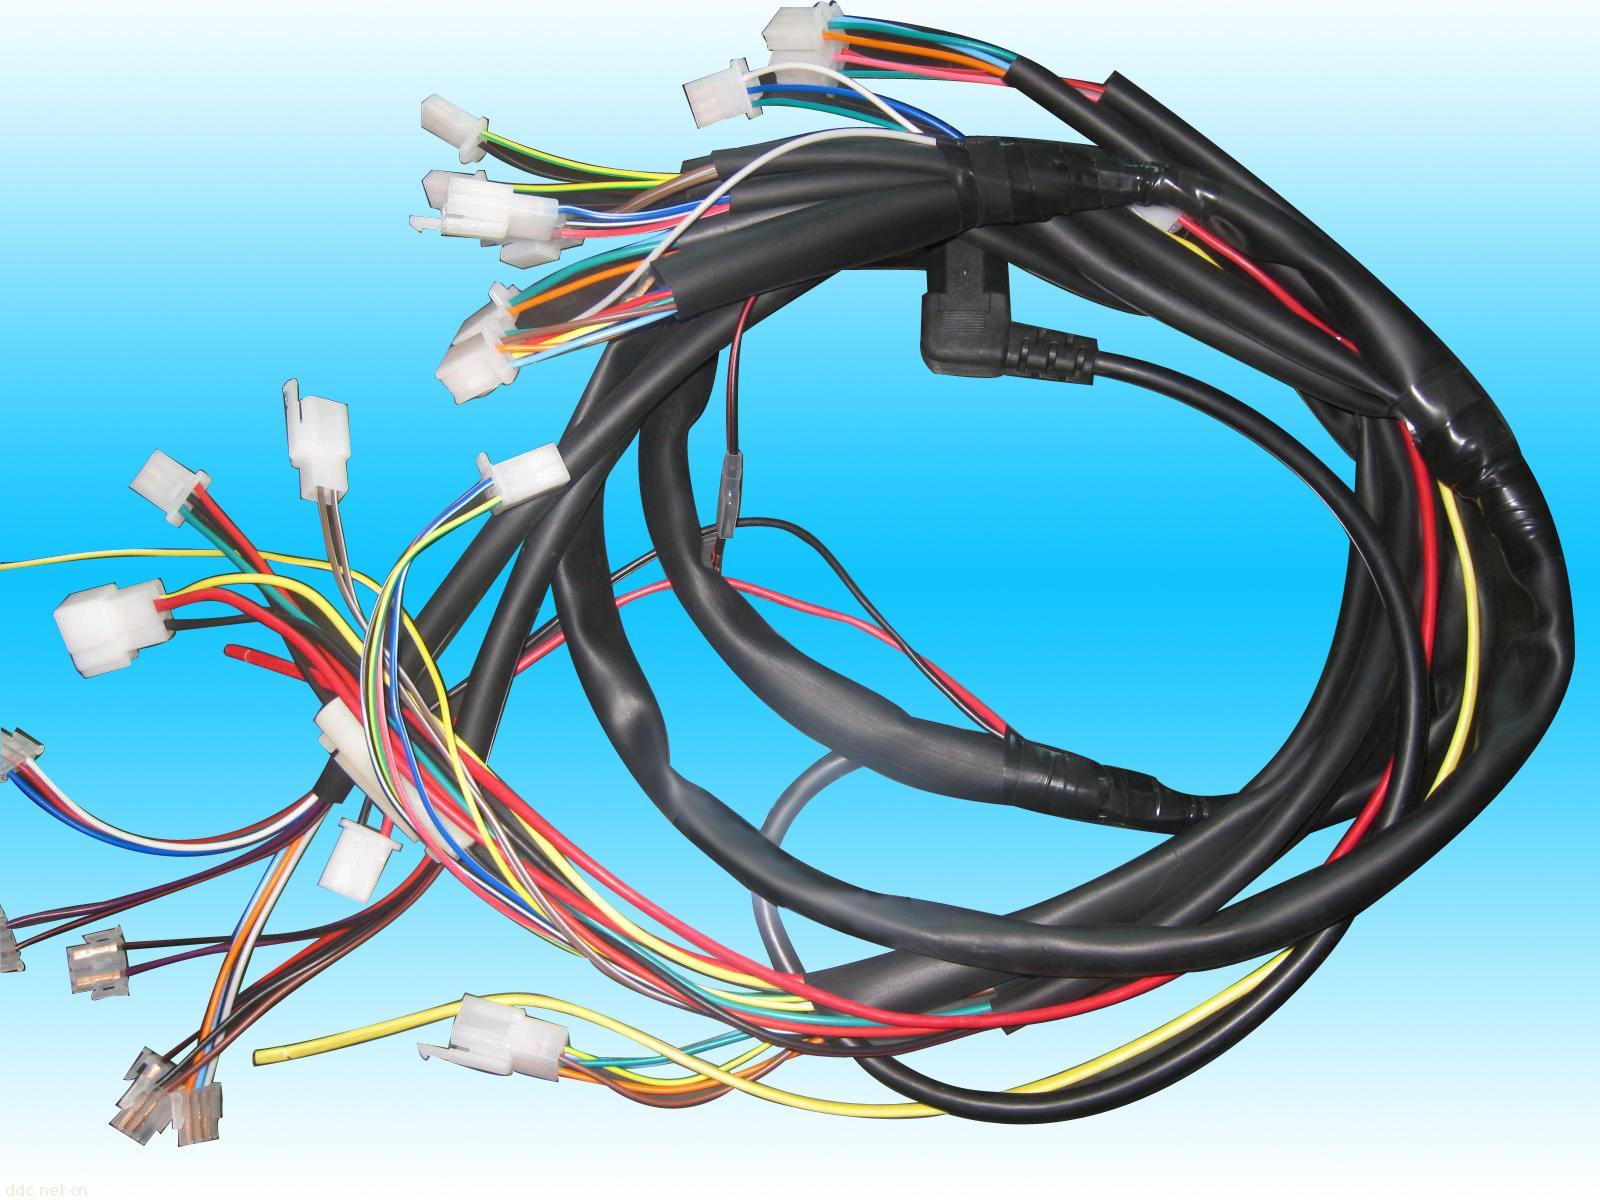 镇江电源线,电动车电源线,电源线,线束,电动车配件